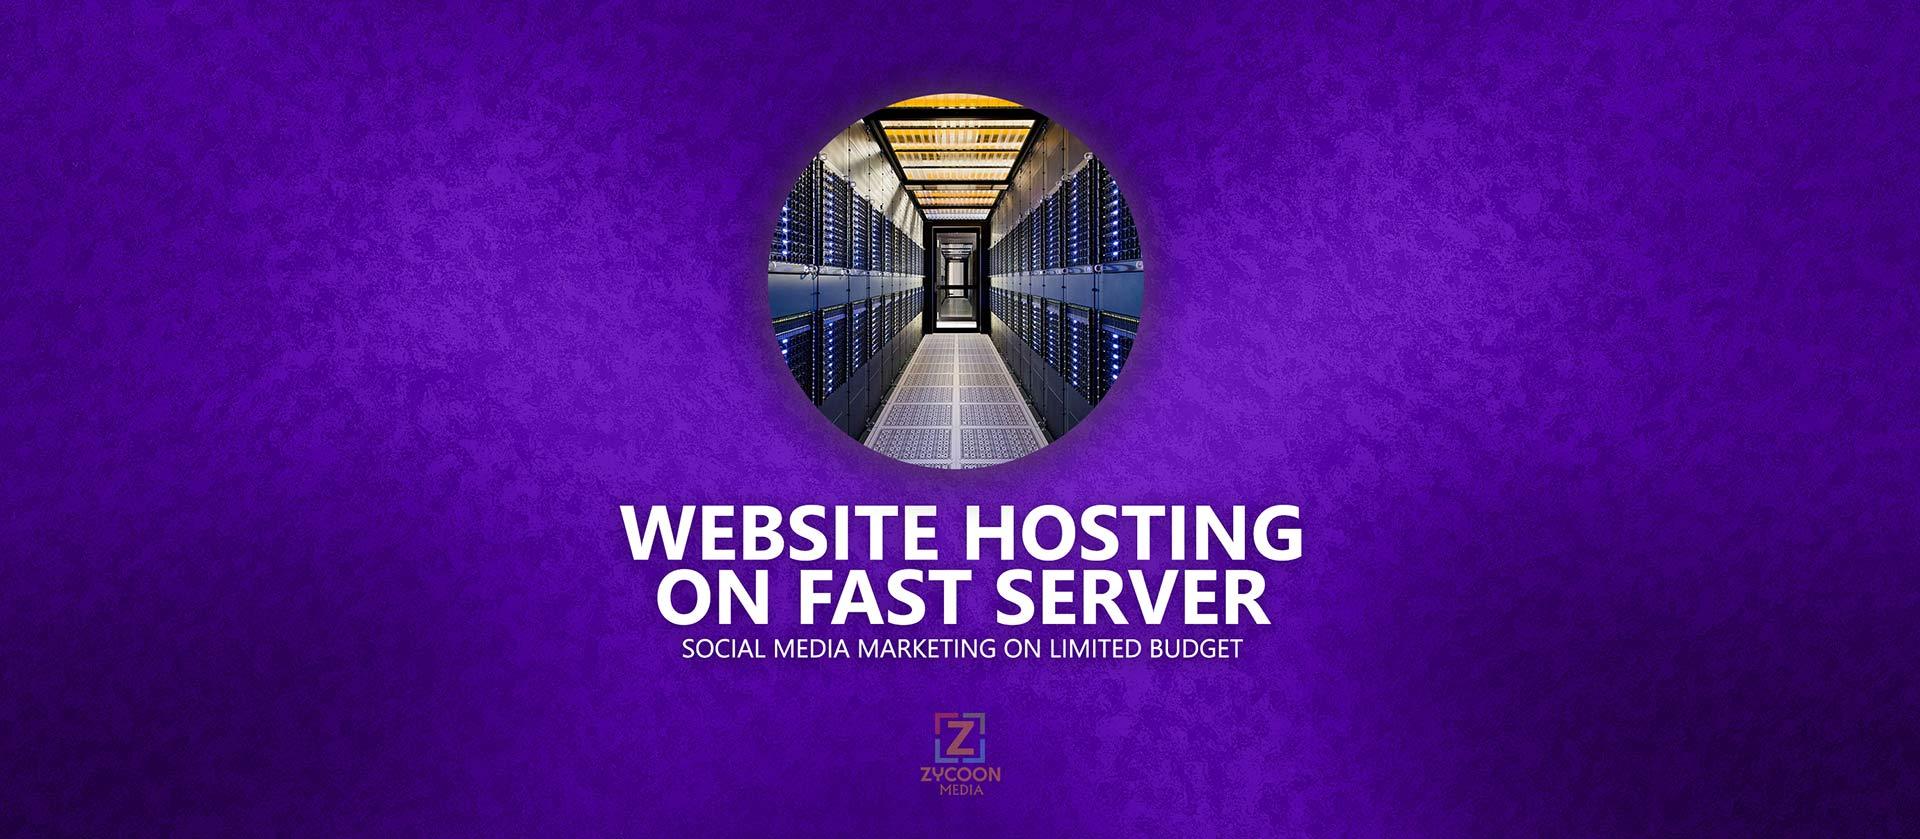 Fastest Hosting Server For Business Website